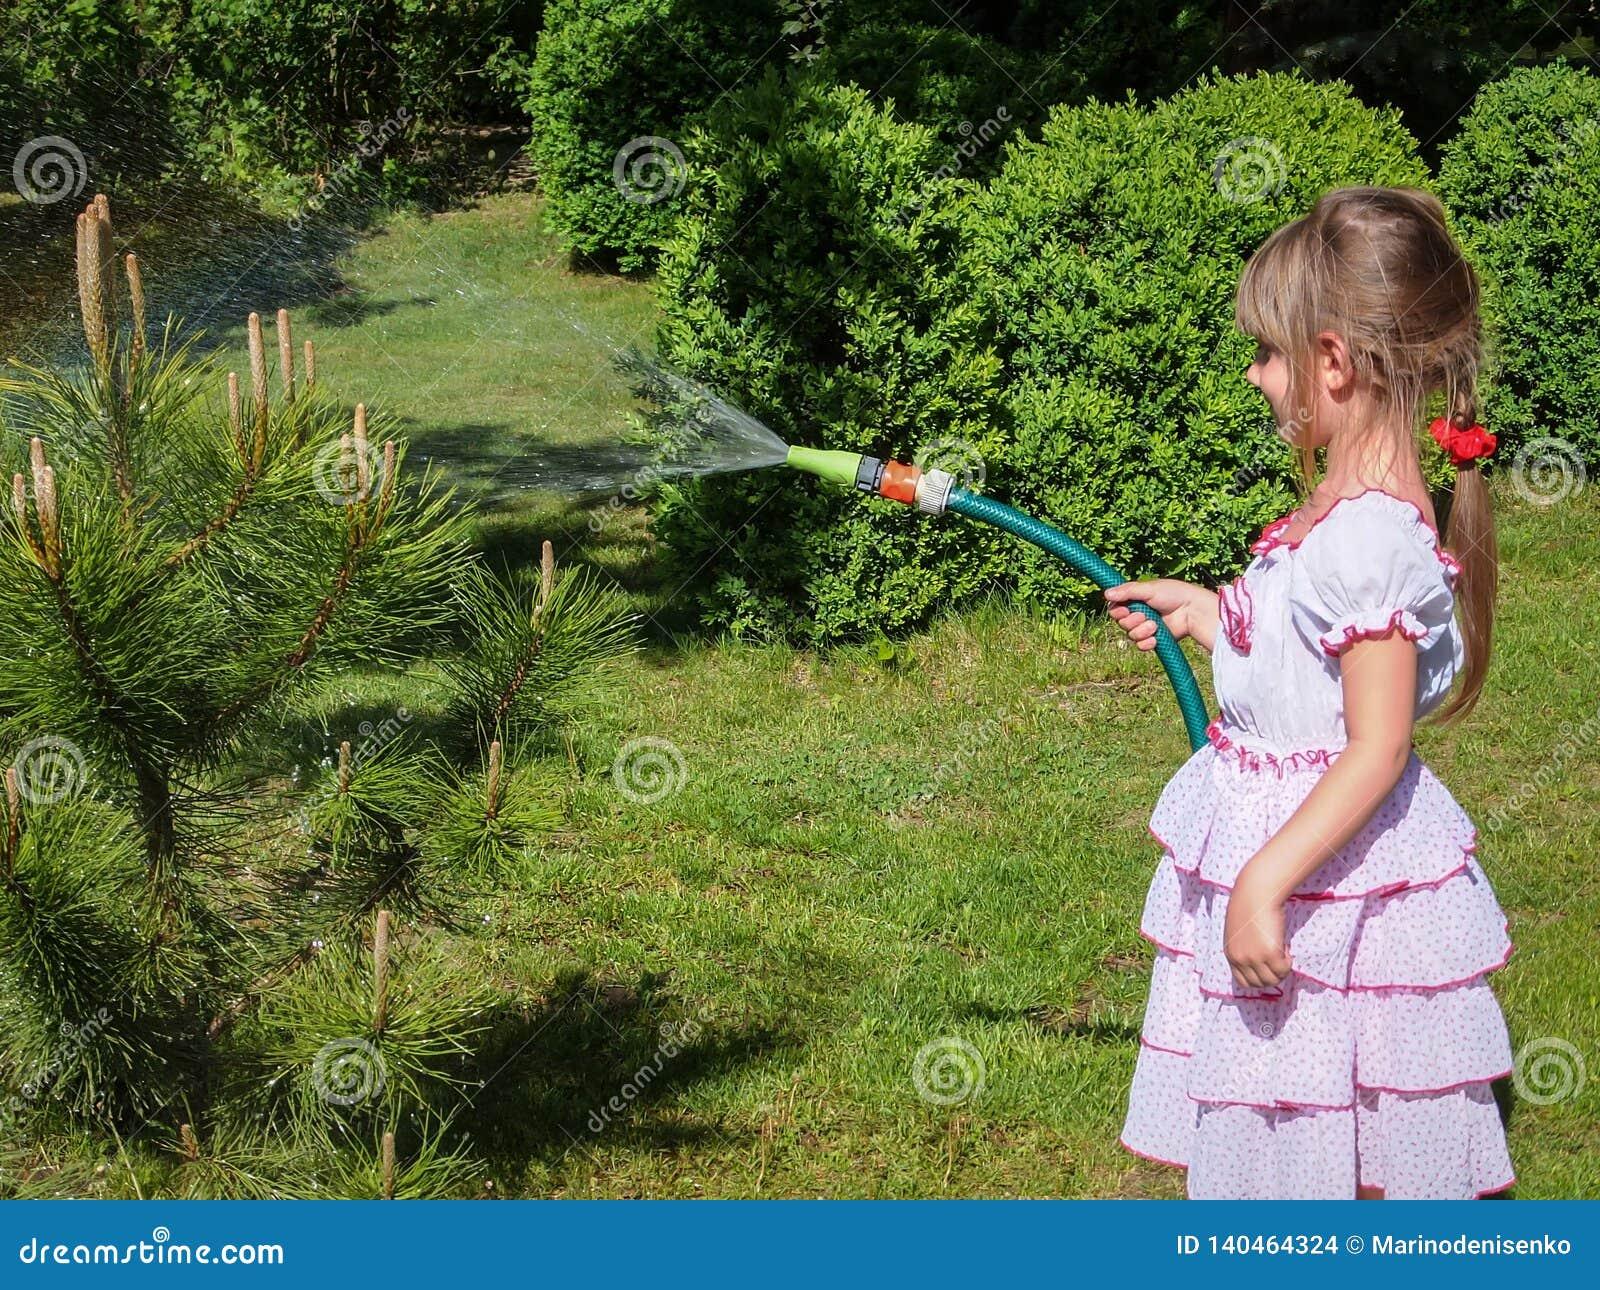 Mooi meisje 5 éénjarigen met lang blond haar in lovelly witte kleding die een kleine pijnboomboom in de tuin water geven